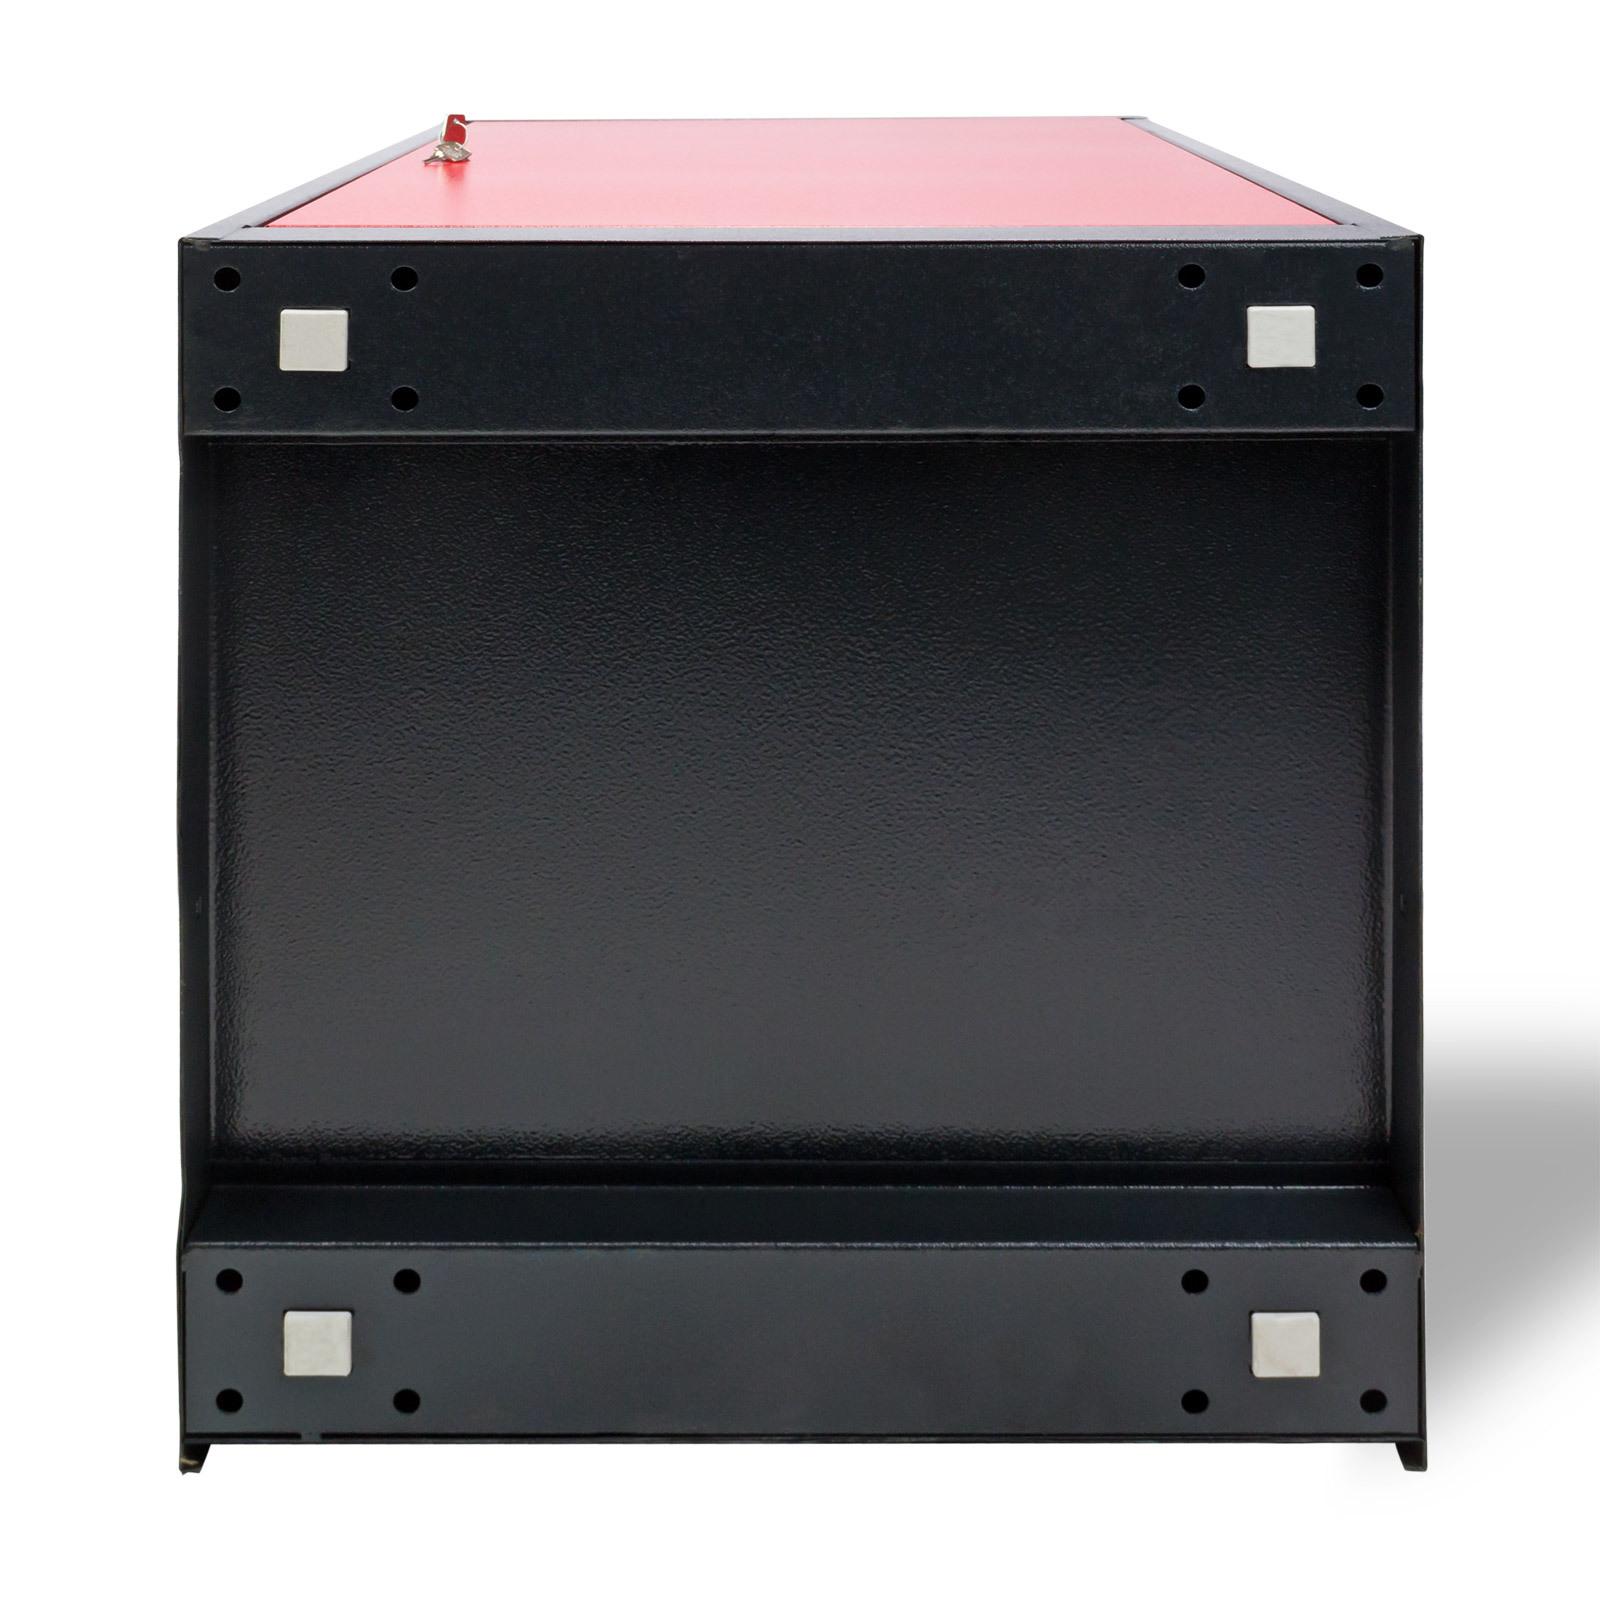 werkstattschrank werkzeugschrank schrank rot anthrazit 1 fach 2 schubladen 4031765213943 ebay. Black Bedroom Furniture Sets. Home Design Ideas